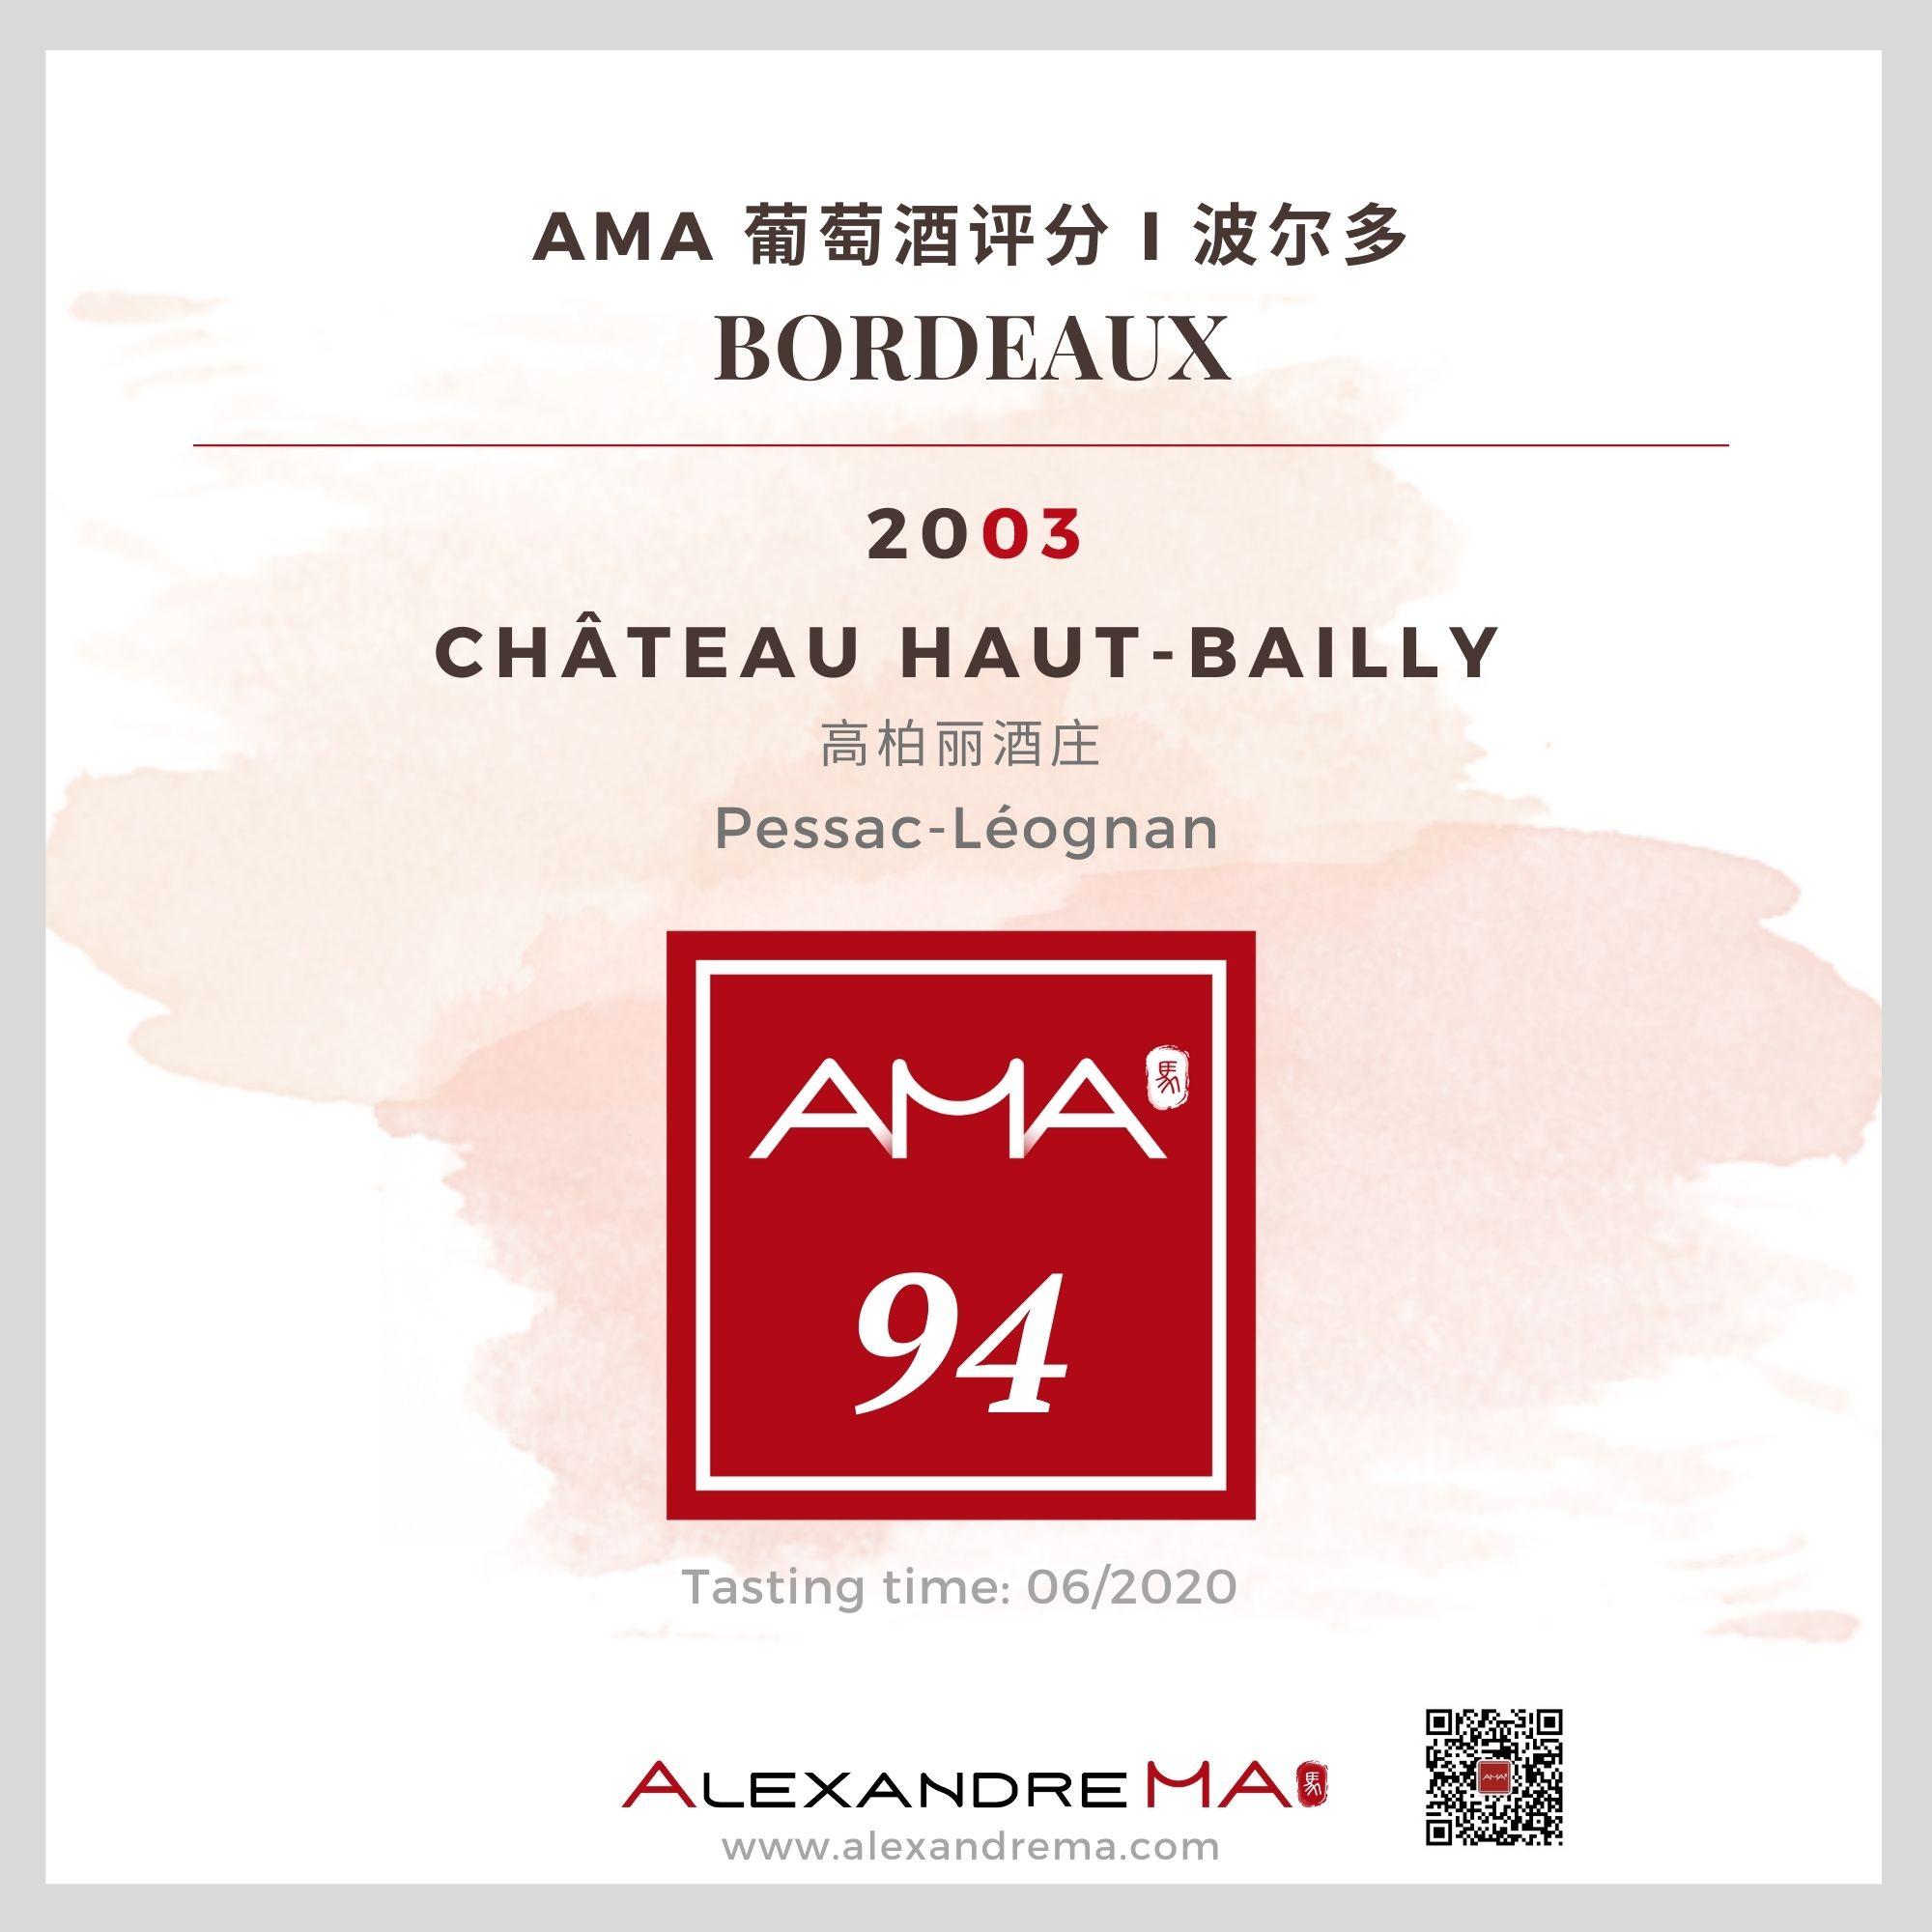 Château Haut-Bailly 2003 - Alexandre MA